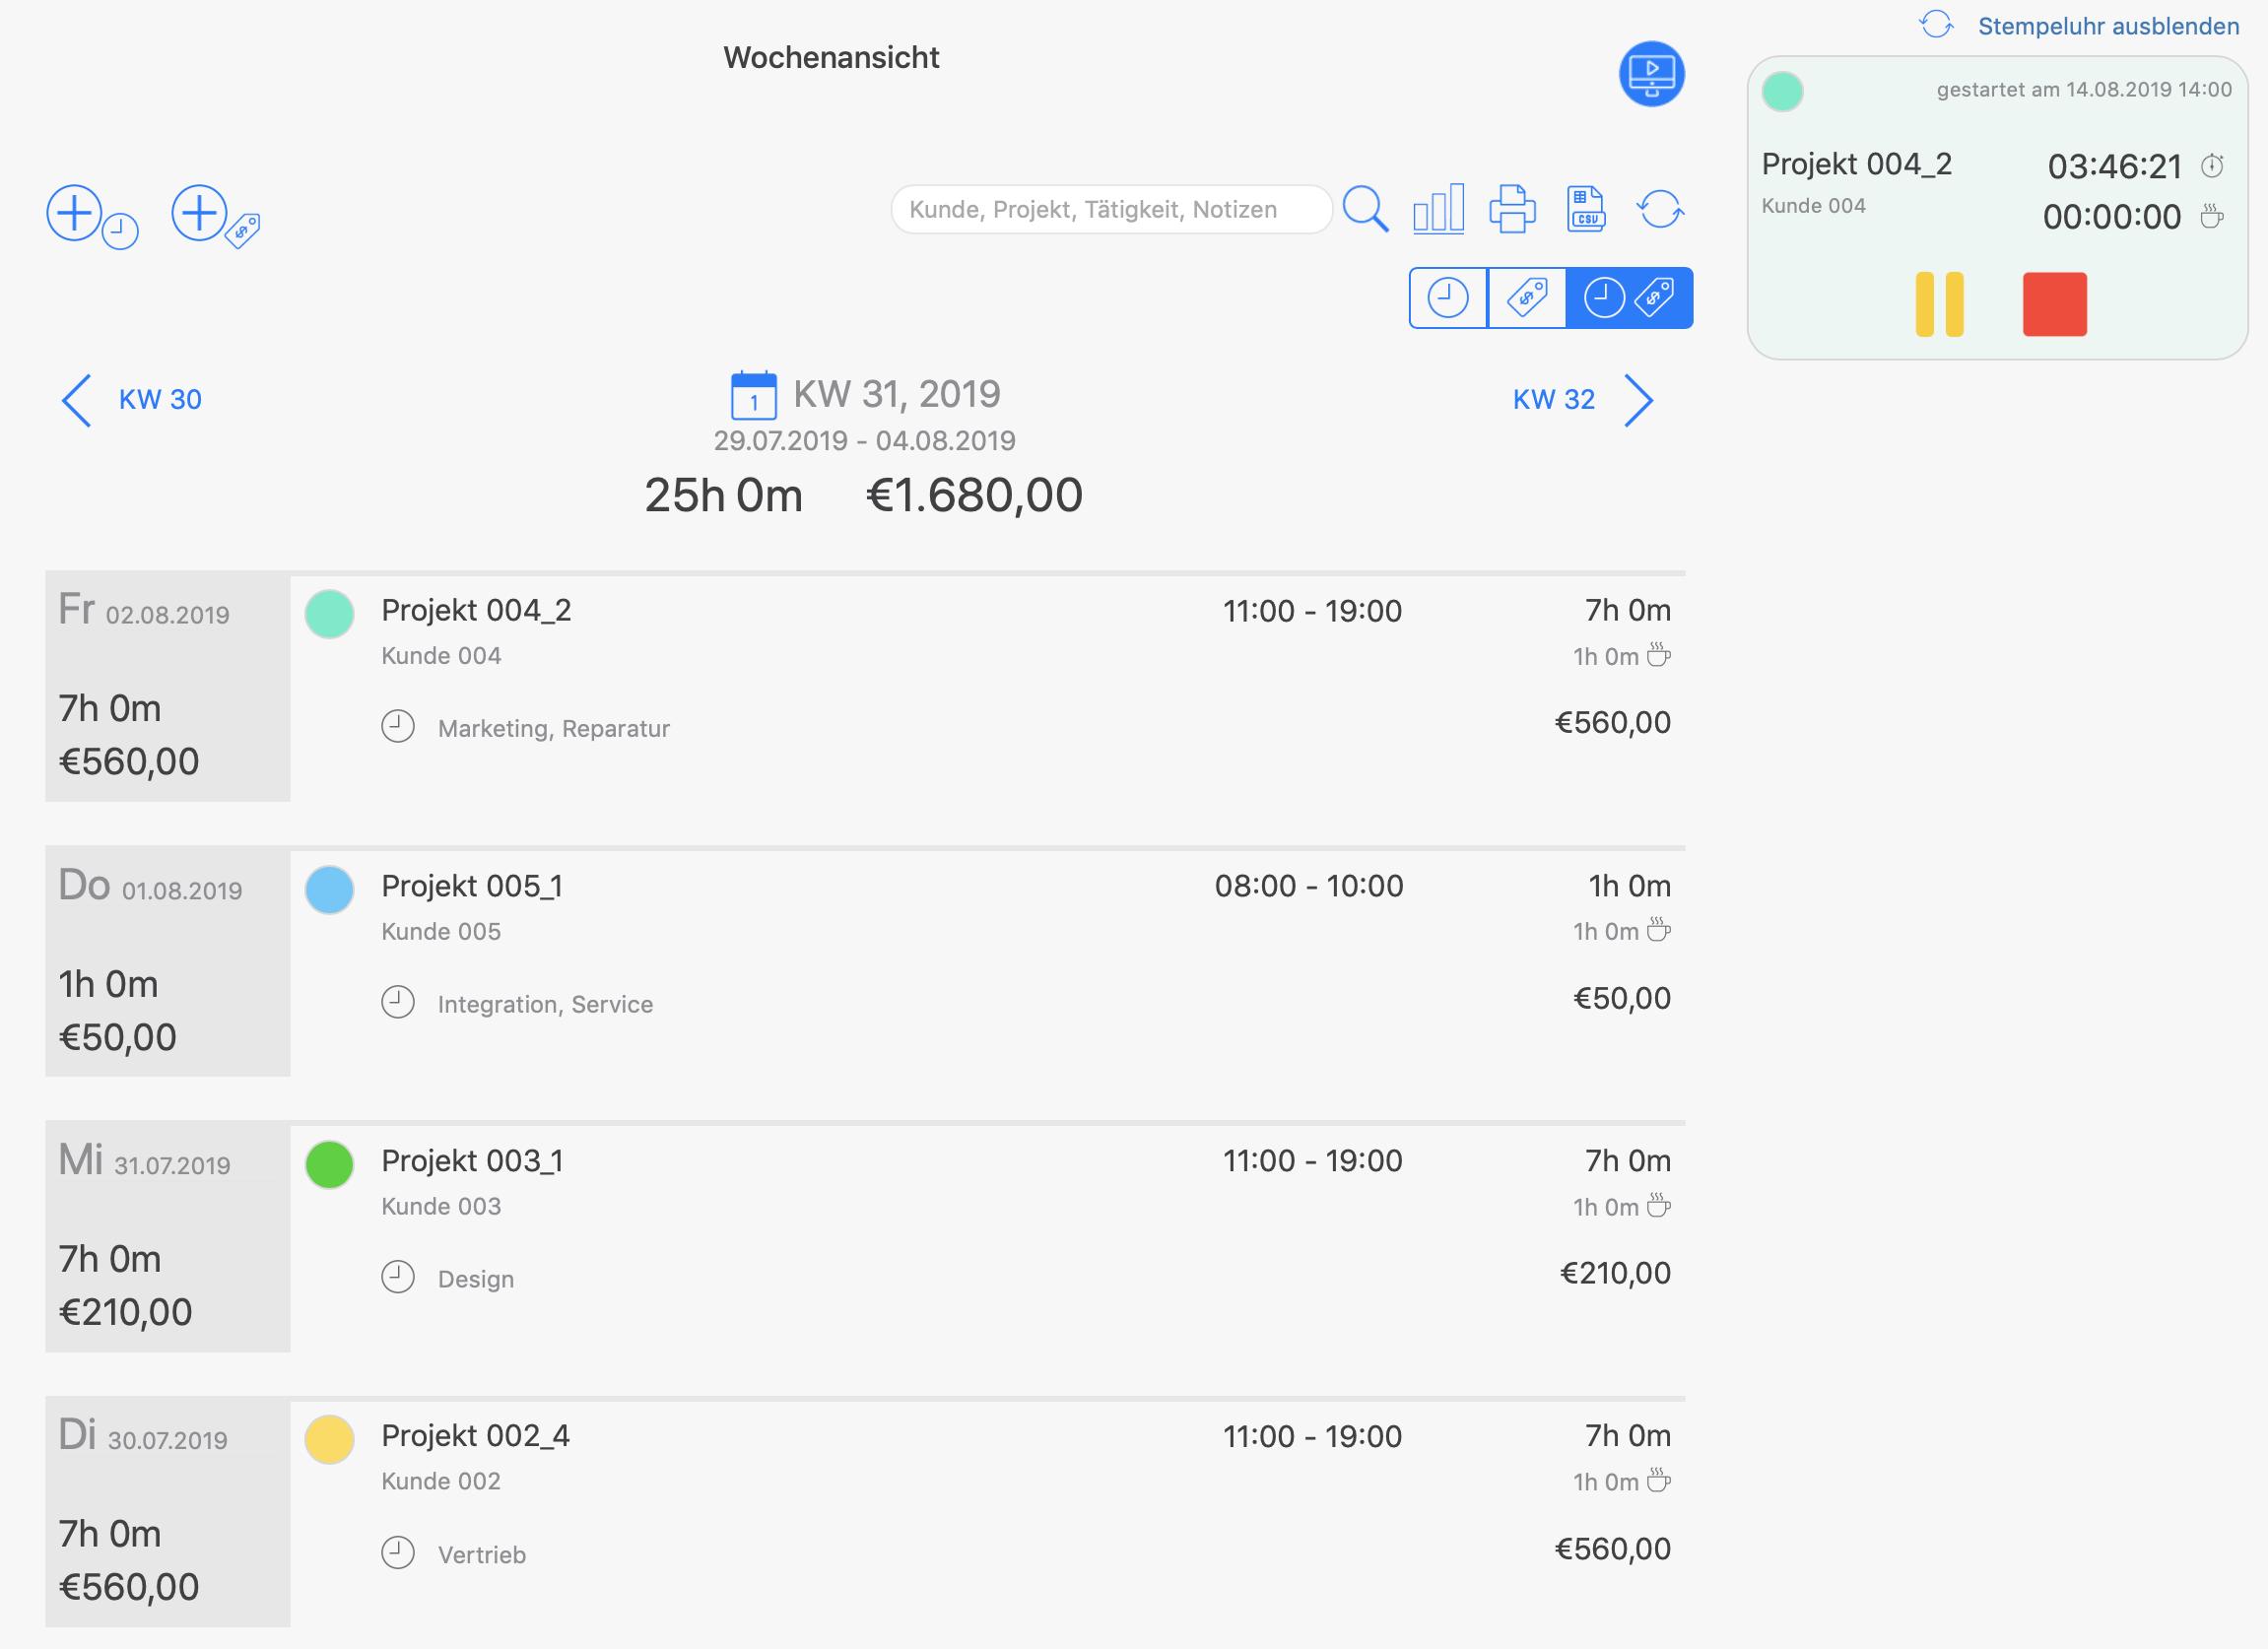 Projektzeiterfassung - Integrierte Stempeluhr zur Verfolgung der Projektzeiten